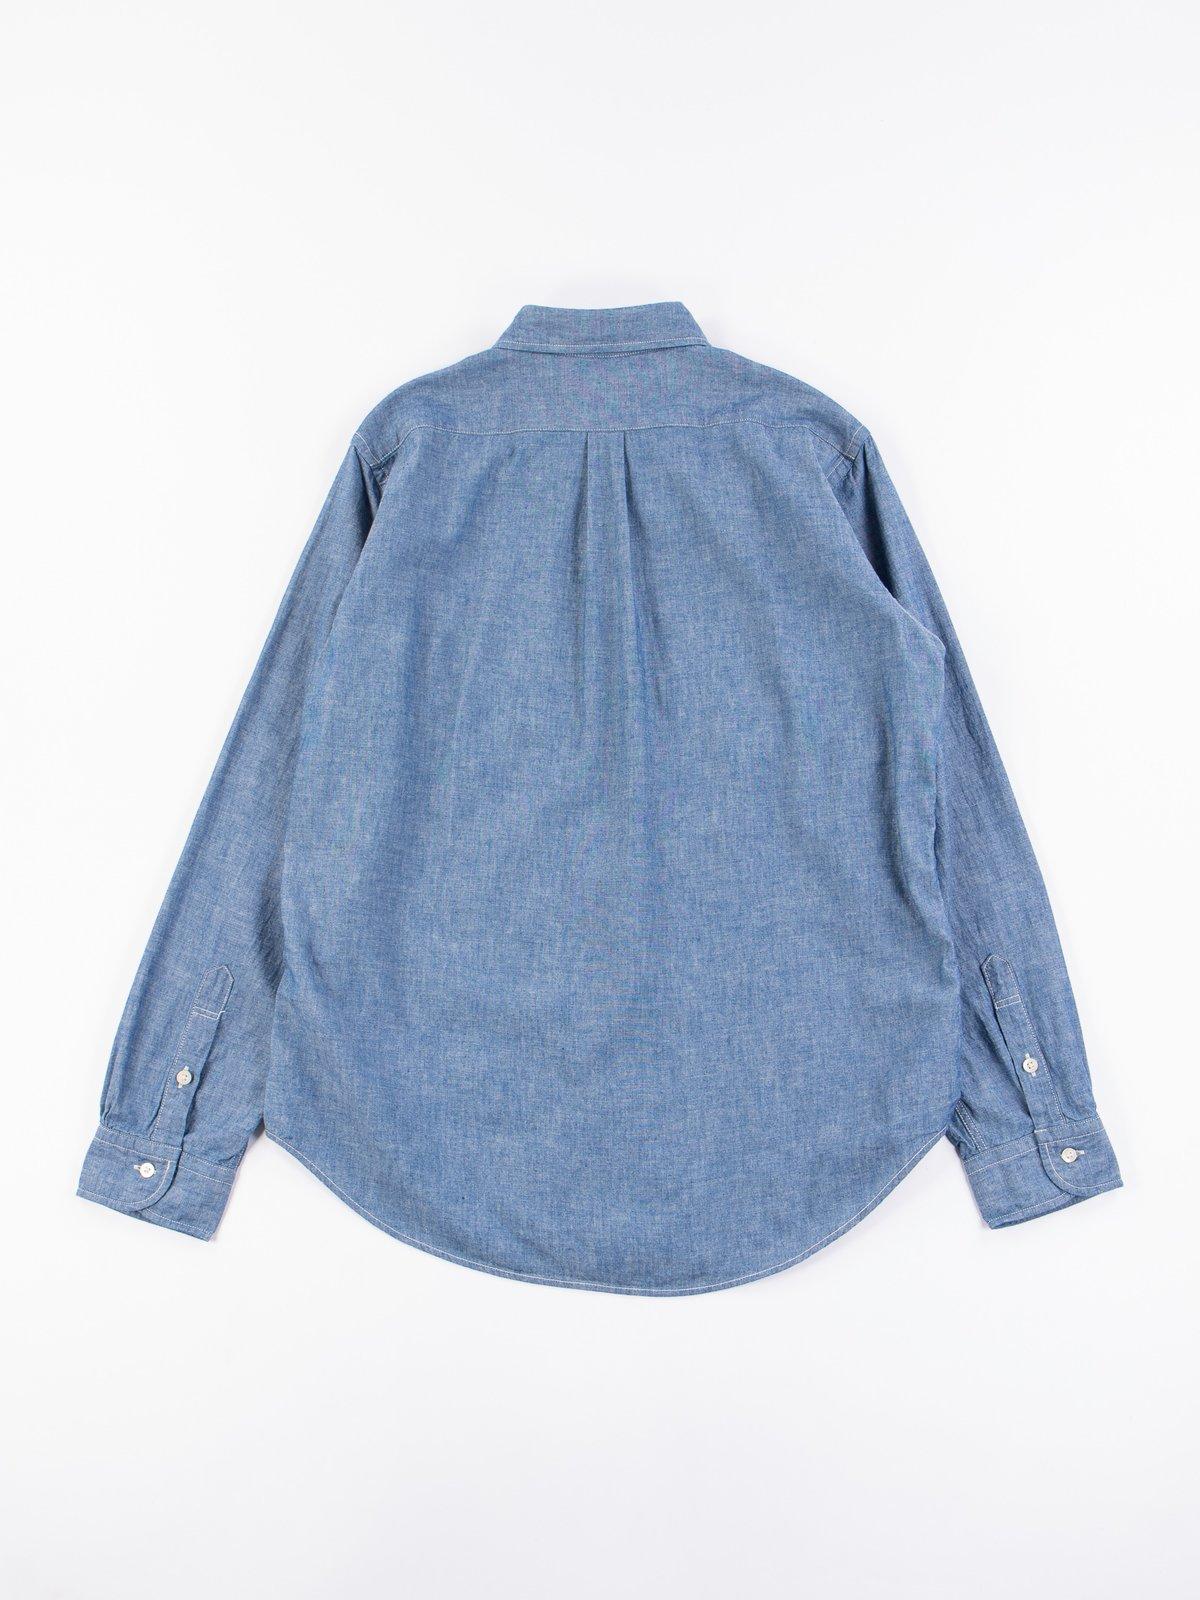 Blue Chambray BD Shirt - Image 5